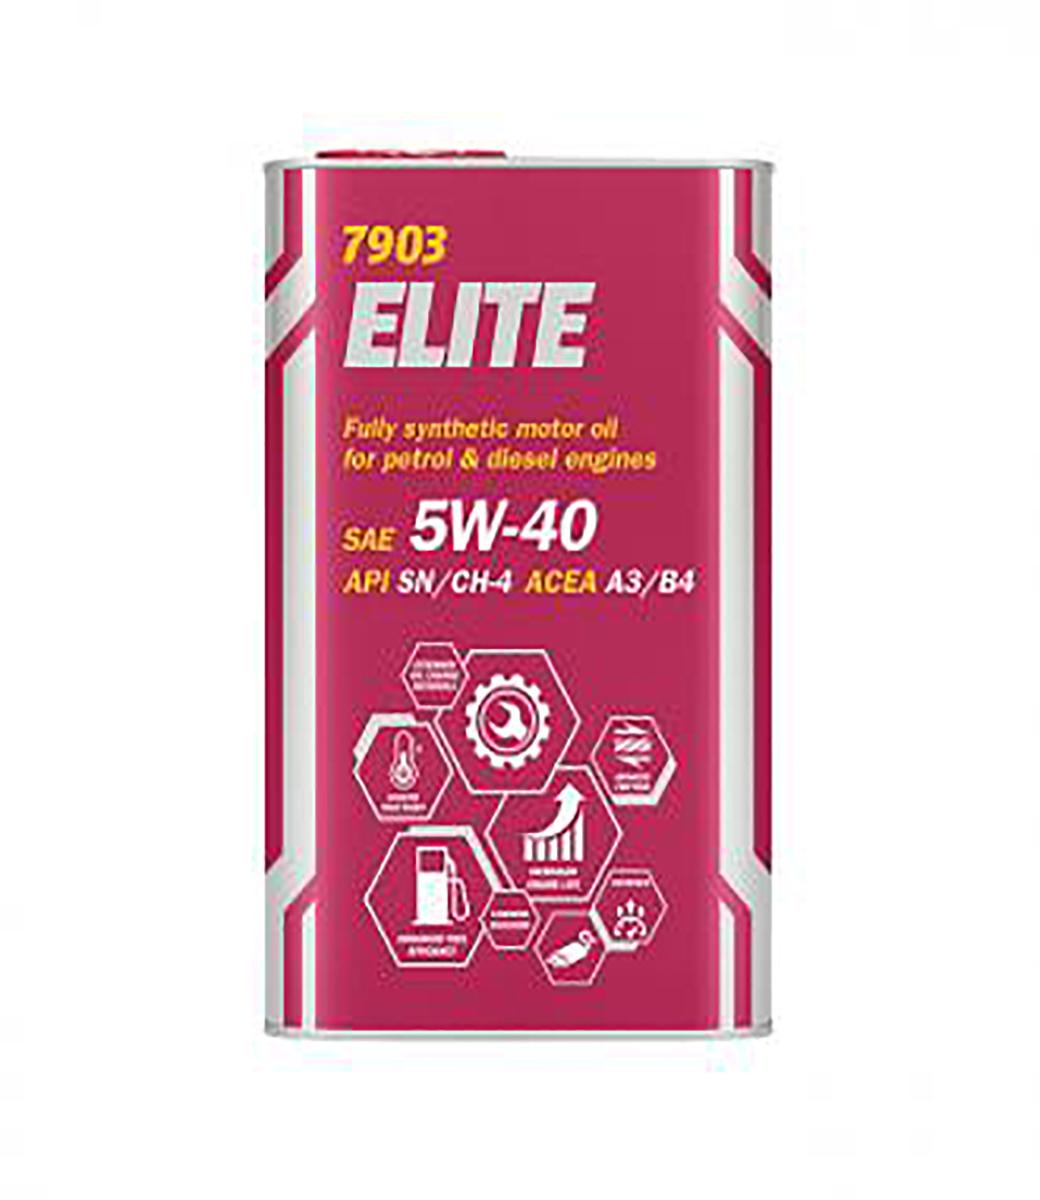 Elite 5W-40